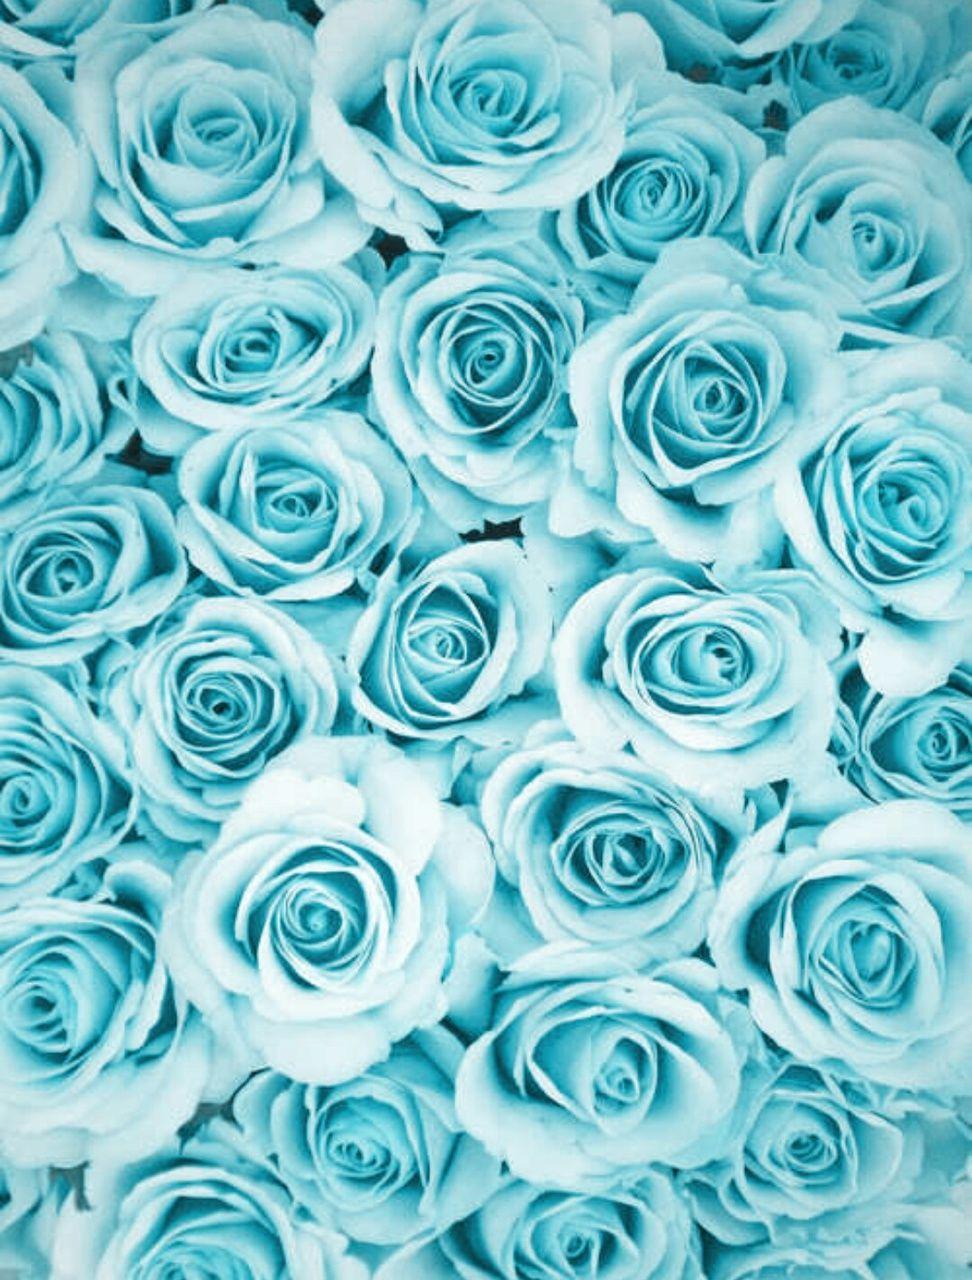 turquoise rose background wwwpixsharkcom images